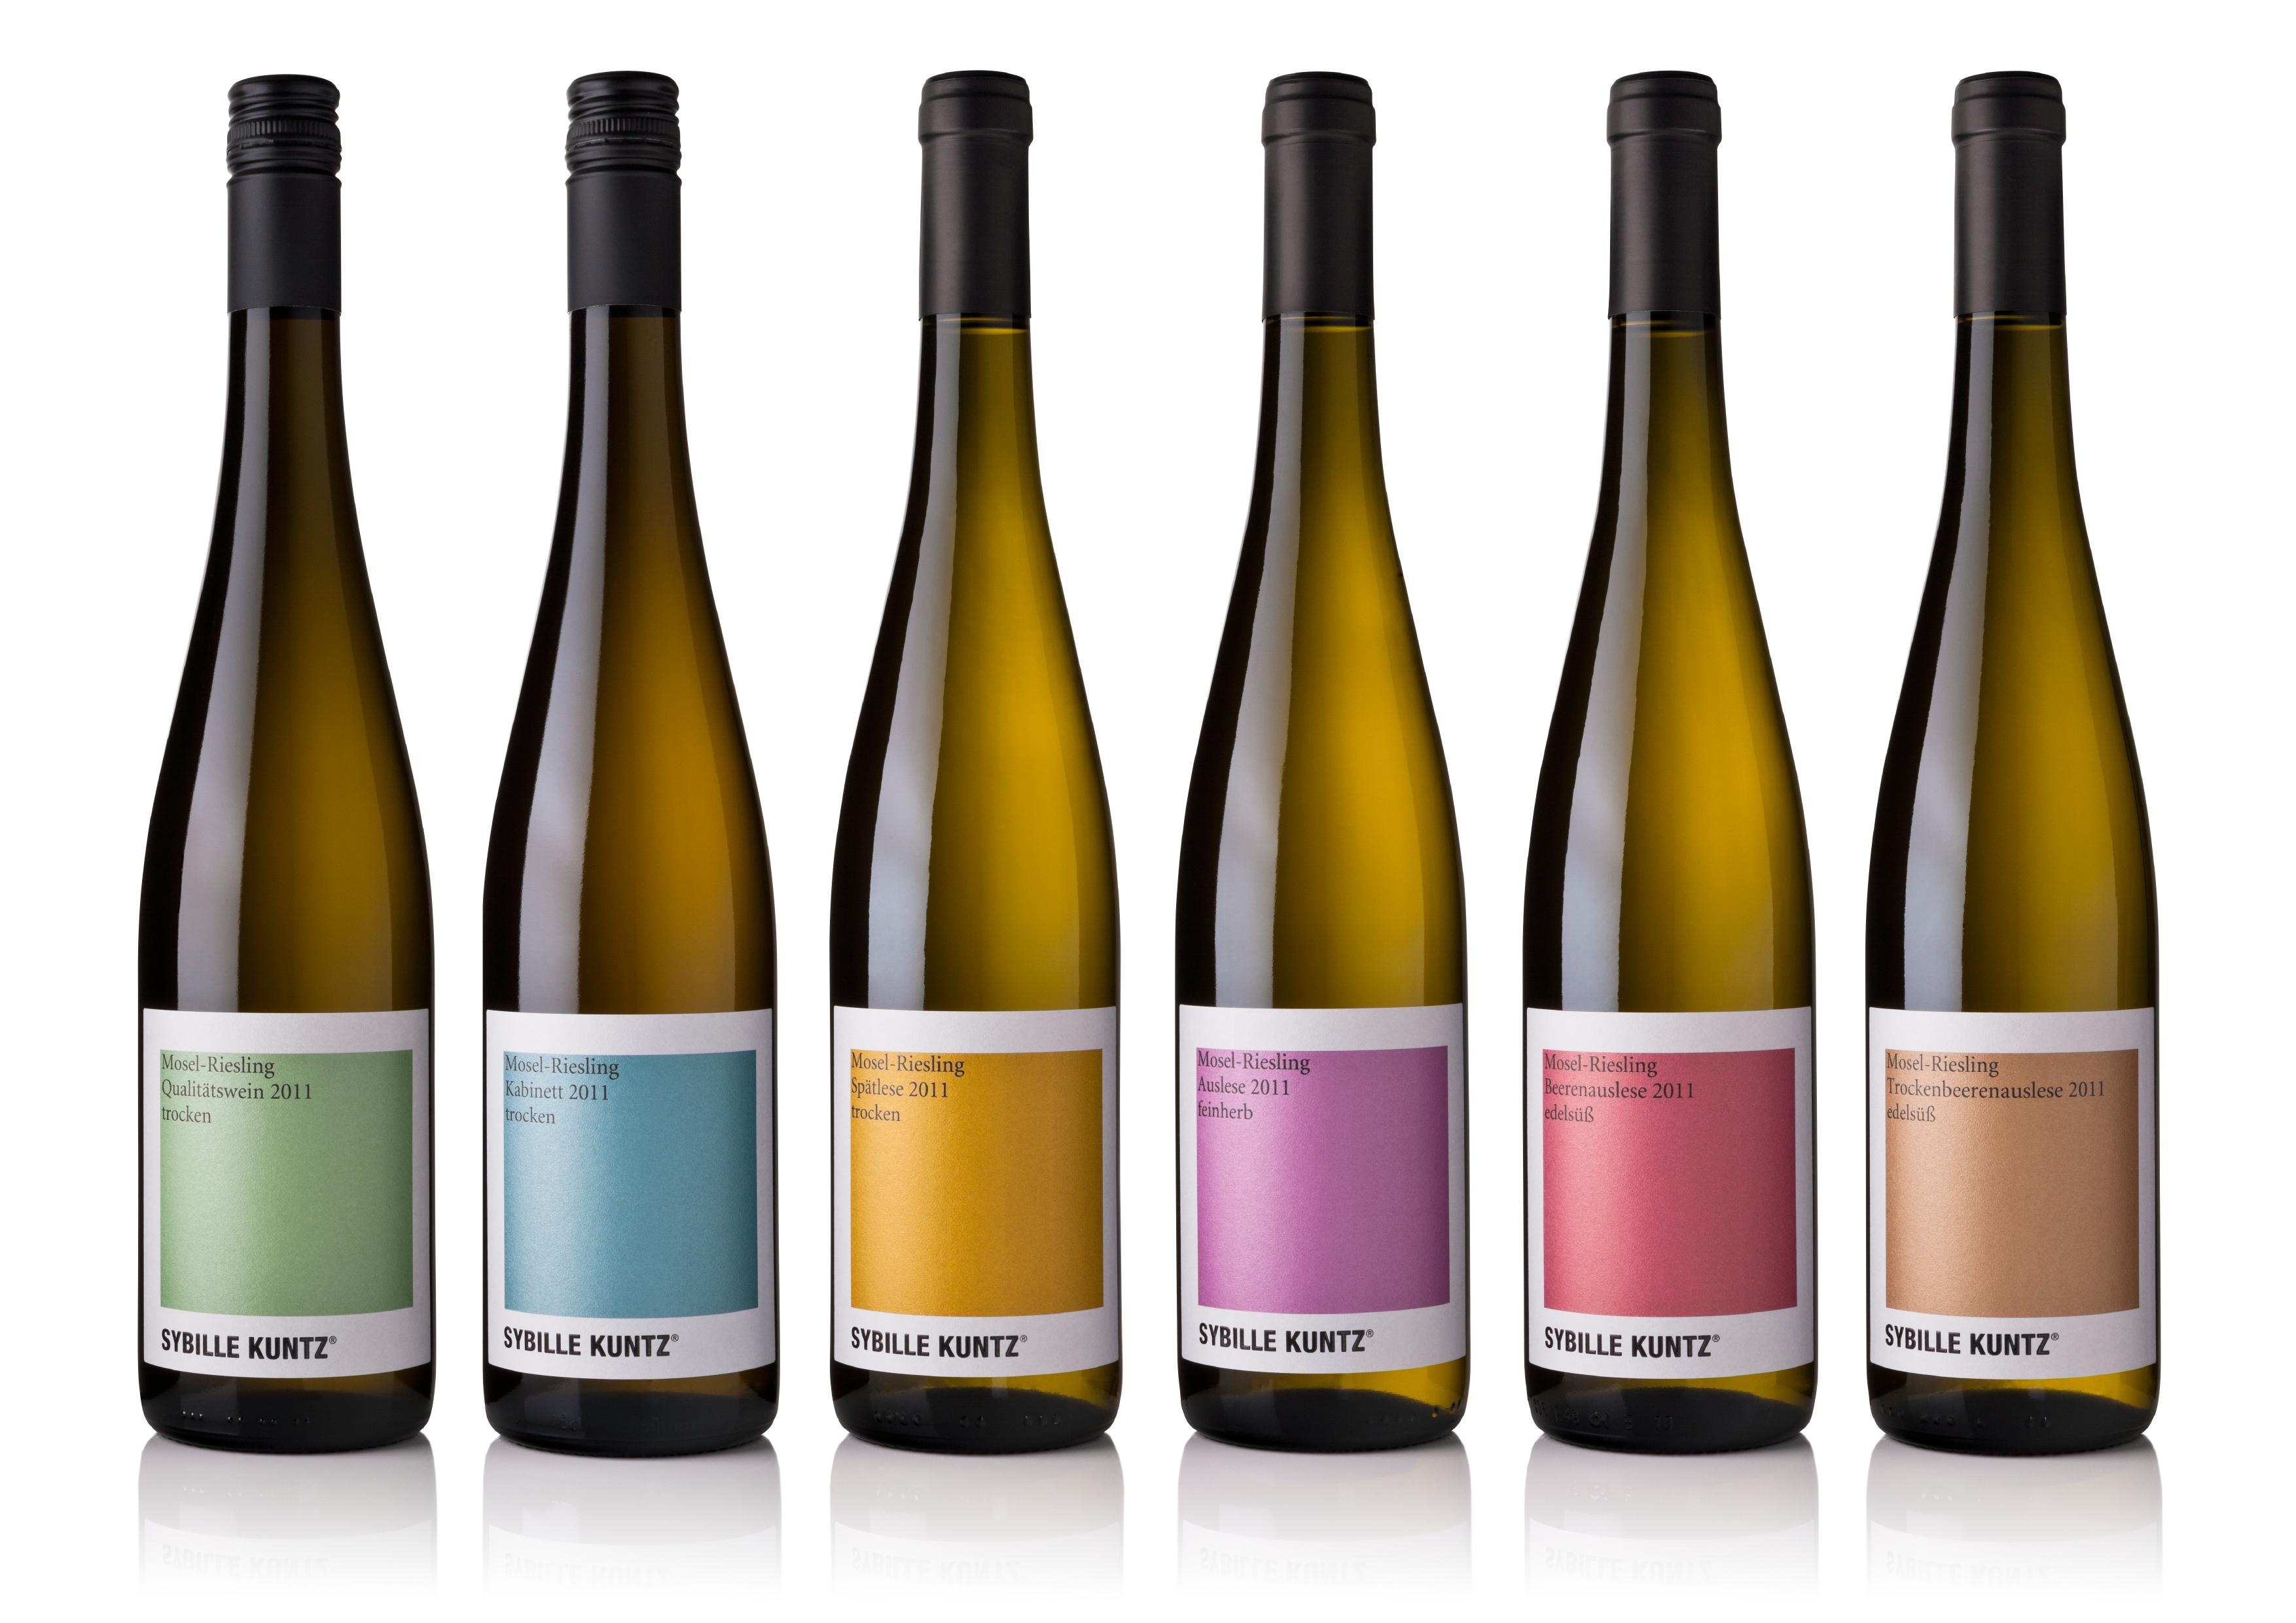 SYBILLE KUNTZ wines